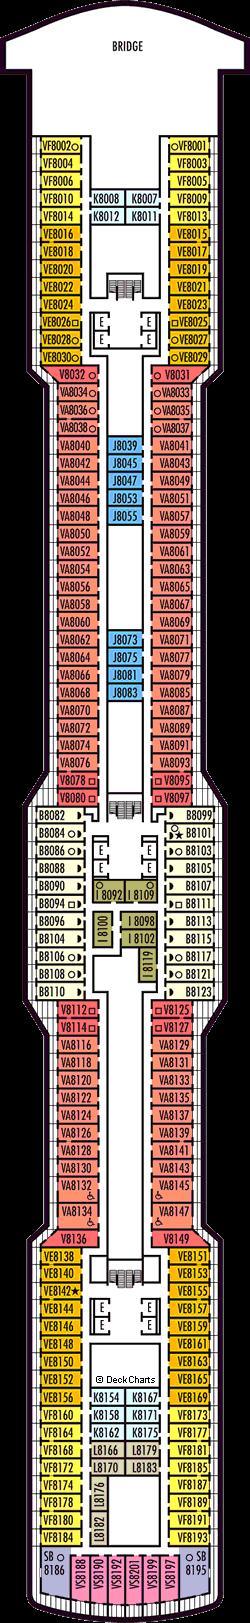 Koningsdam: Navigation Deck